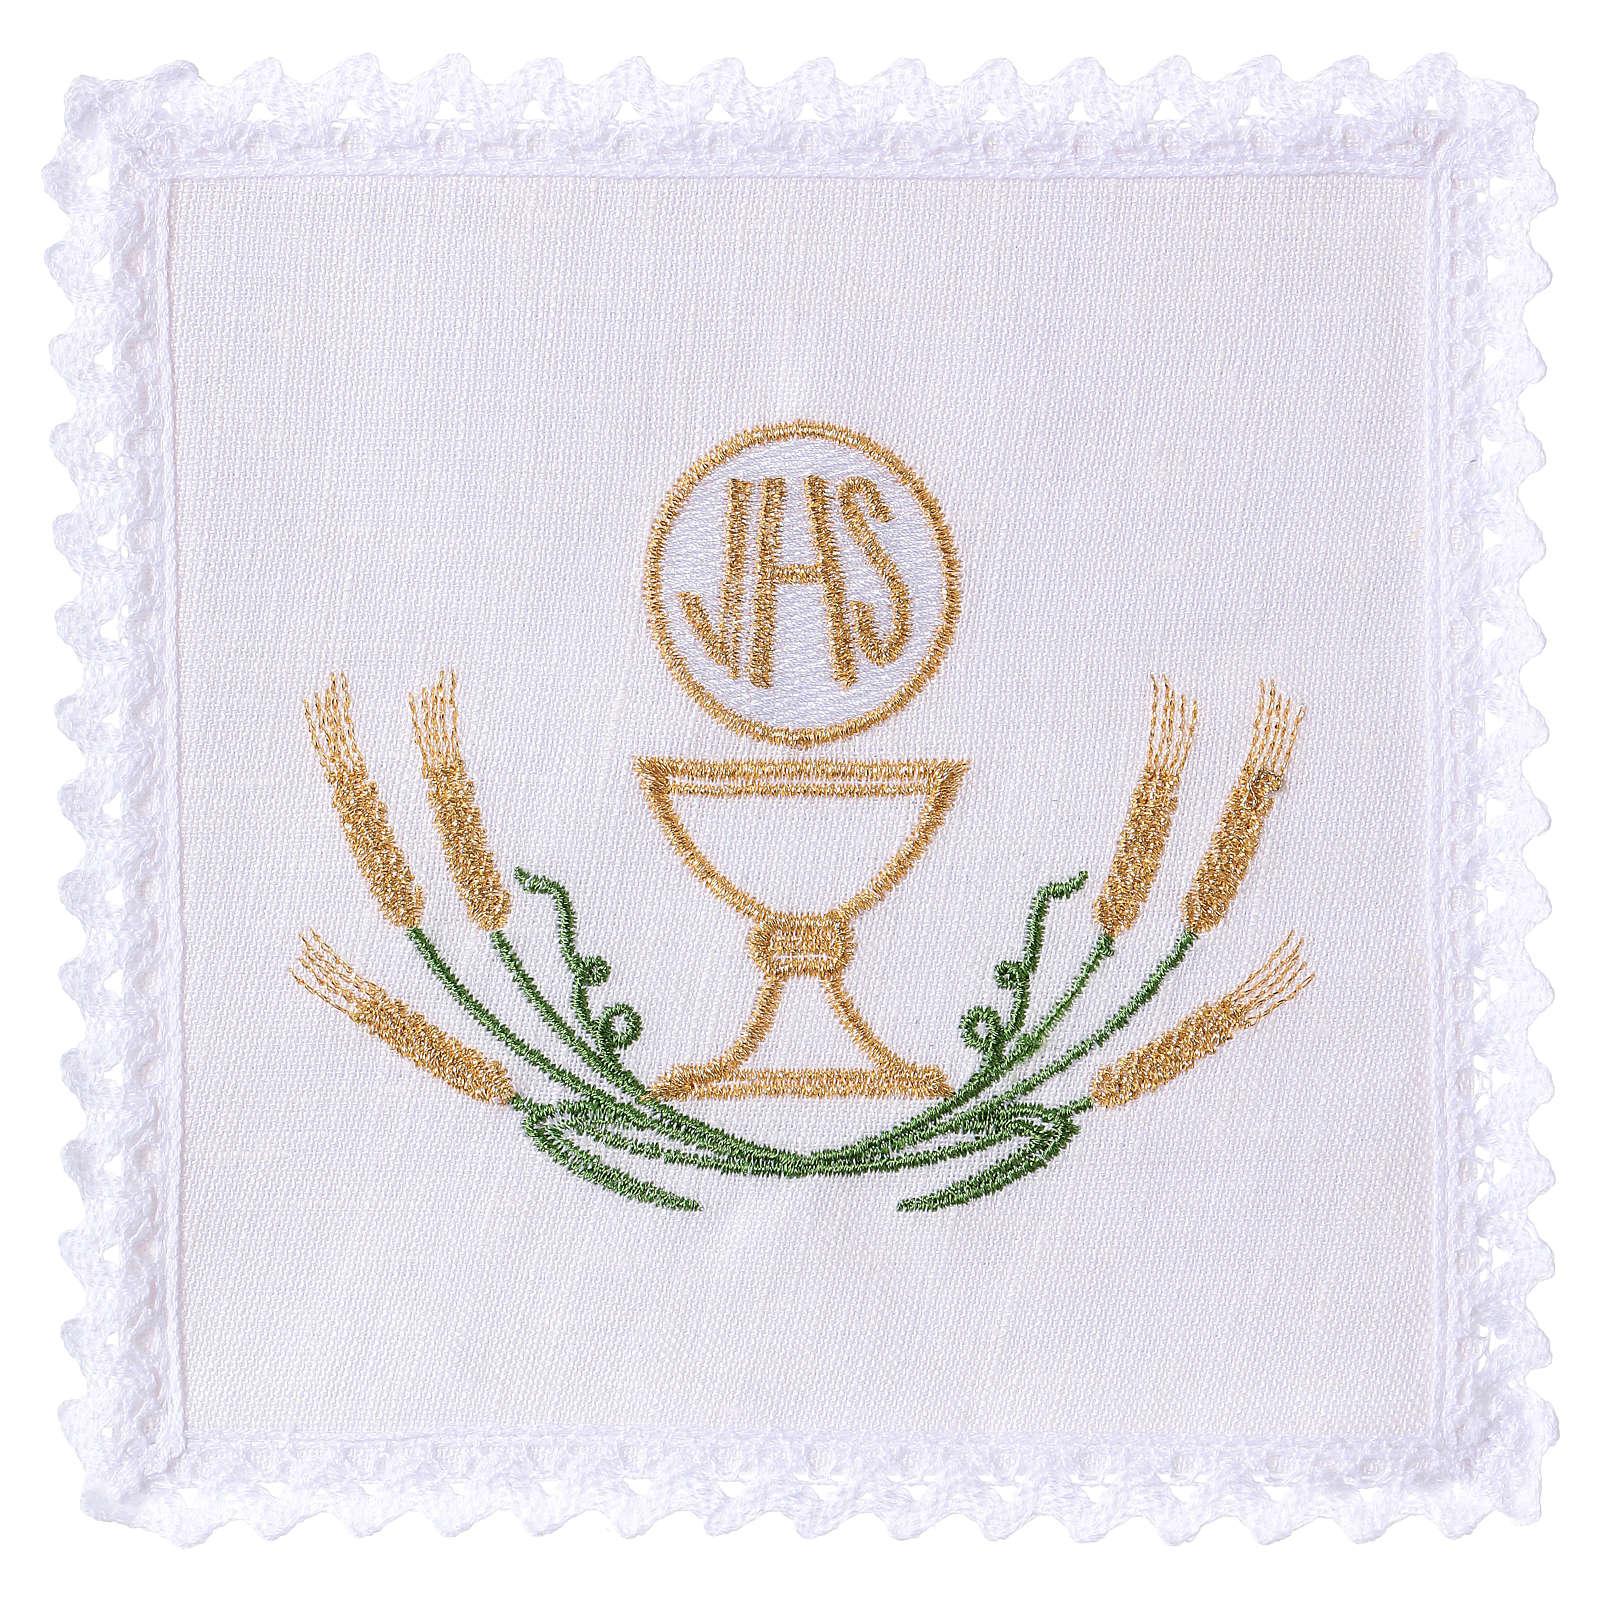 Conjunto alfaia altar linho trigo estilizado amarelo ouro verde cálice IHS 4